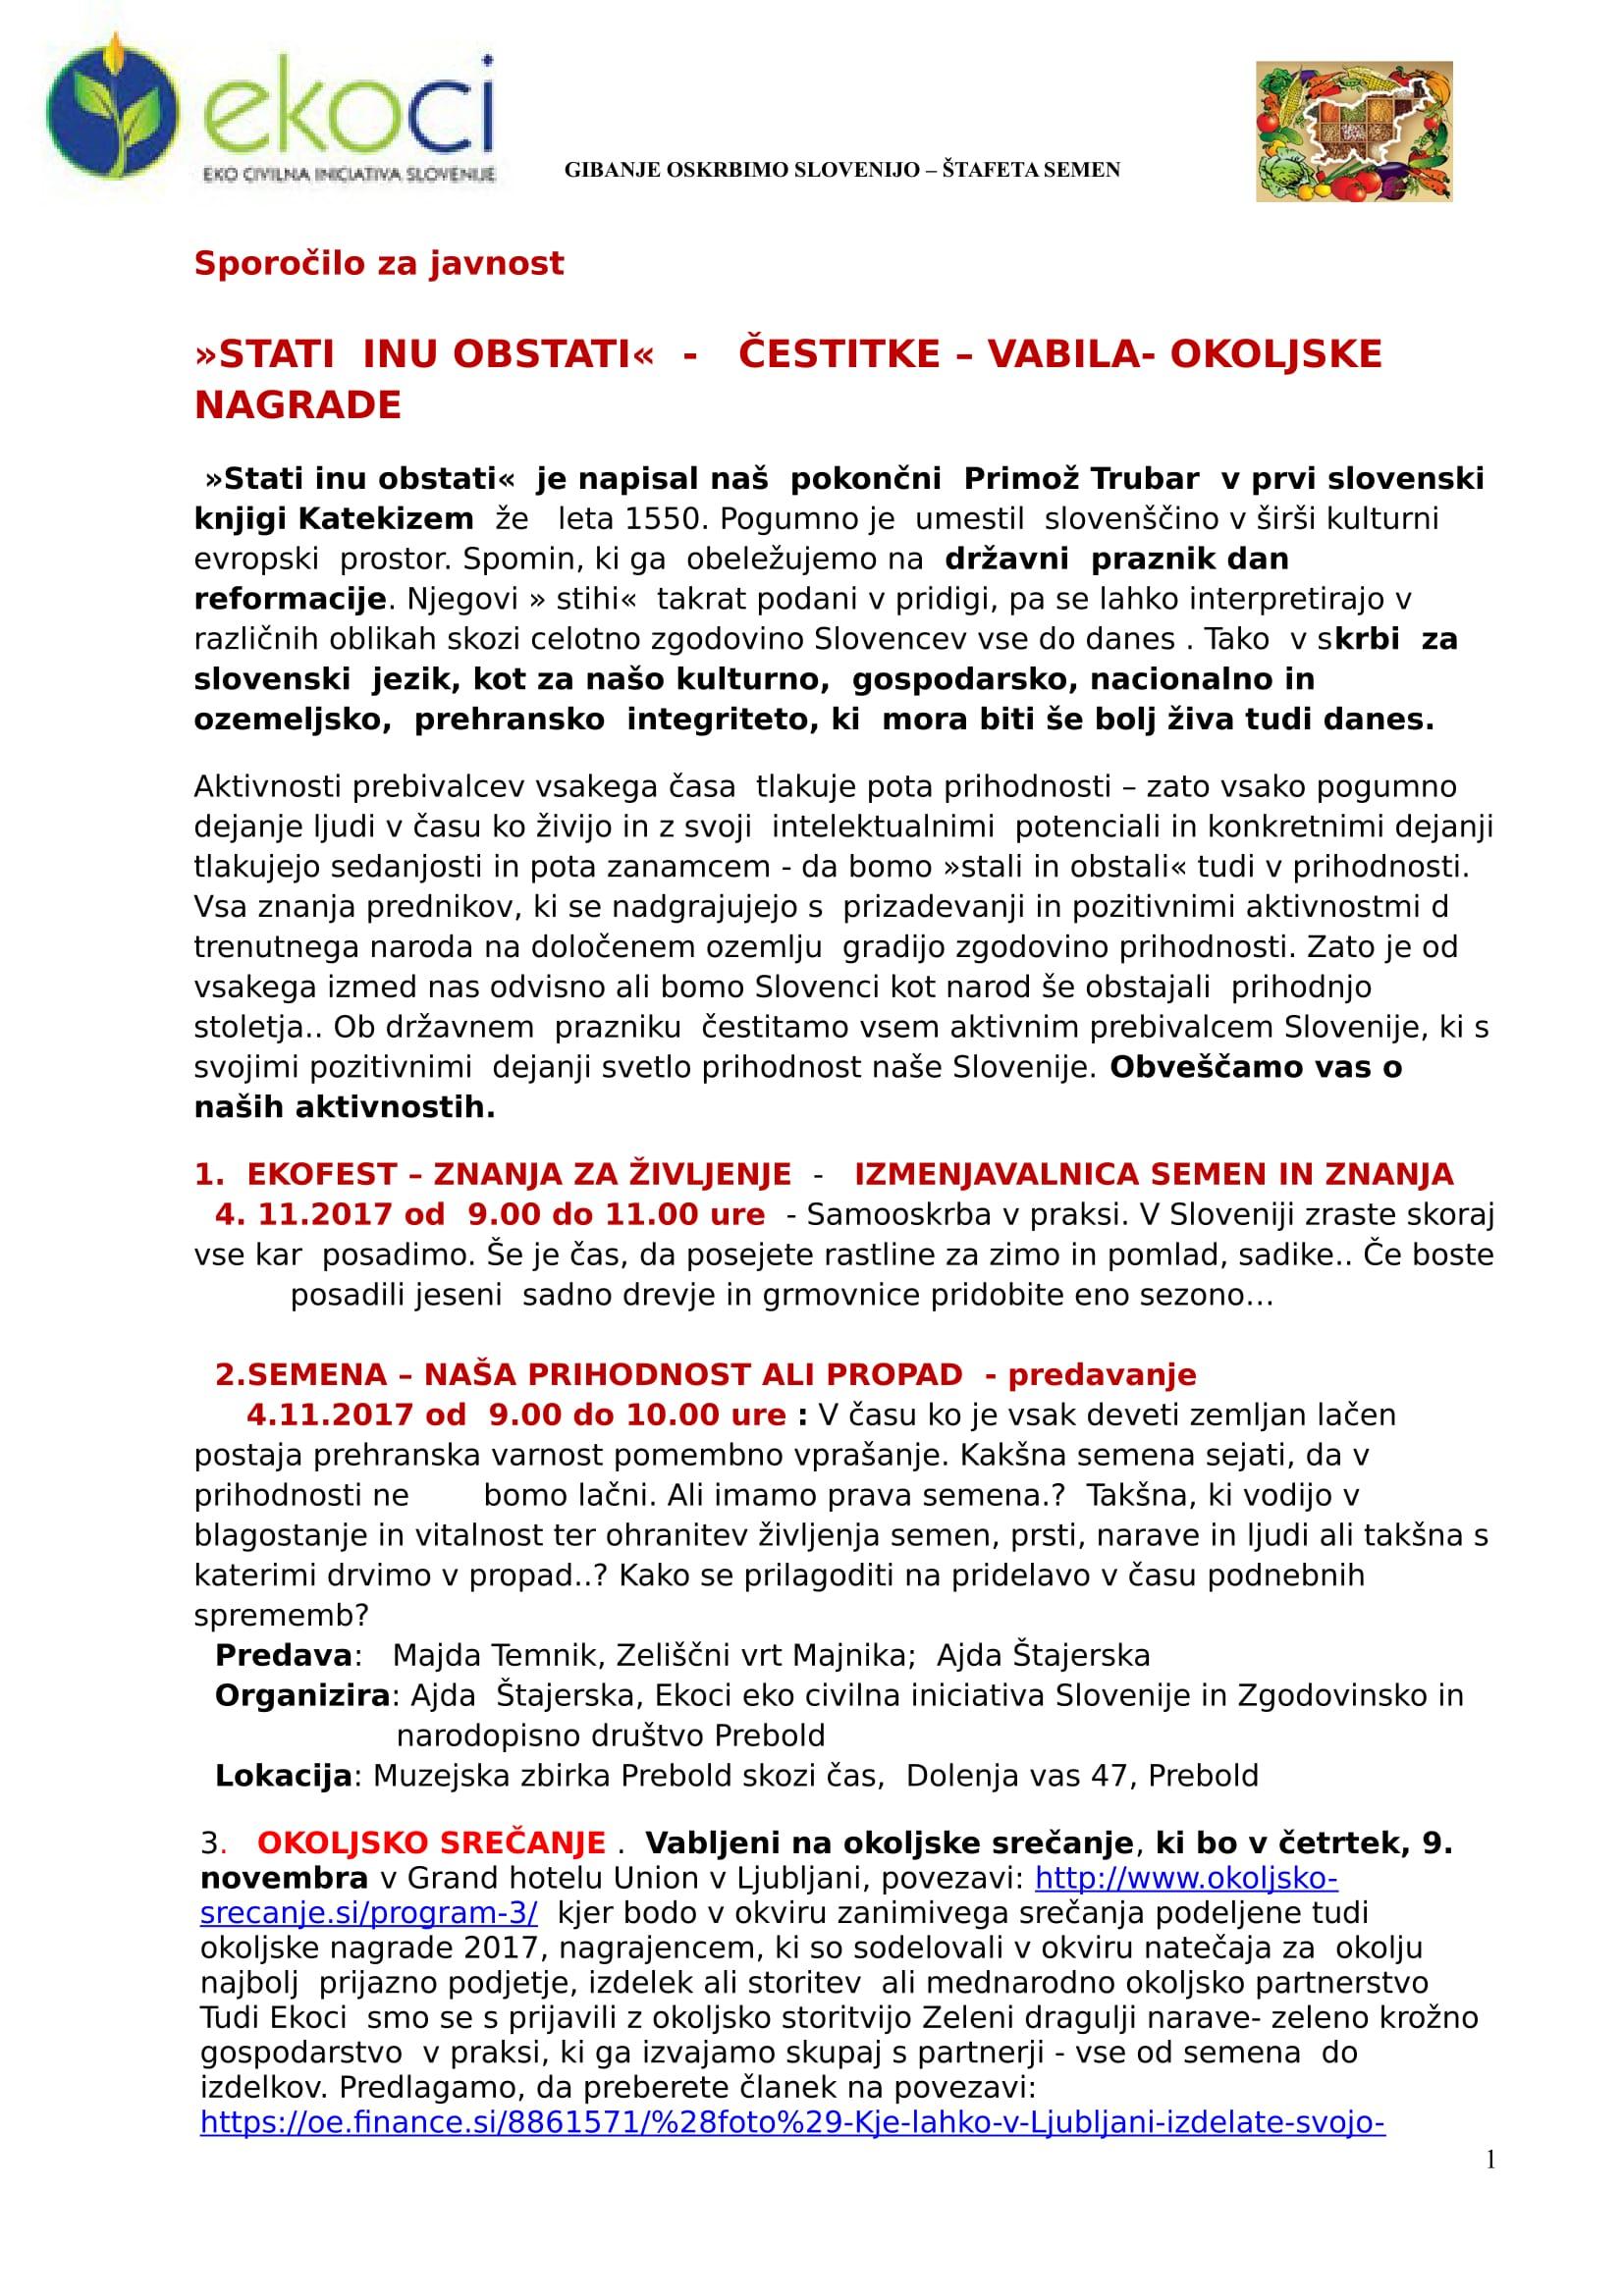 SZJ-STATI INU OBTSTATI- ČESTITKE- VABILA-EKOFEST -OKOLJSKO SREČANJE-1